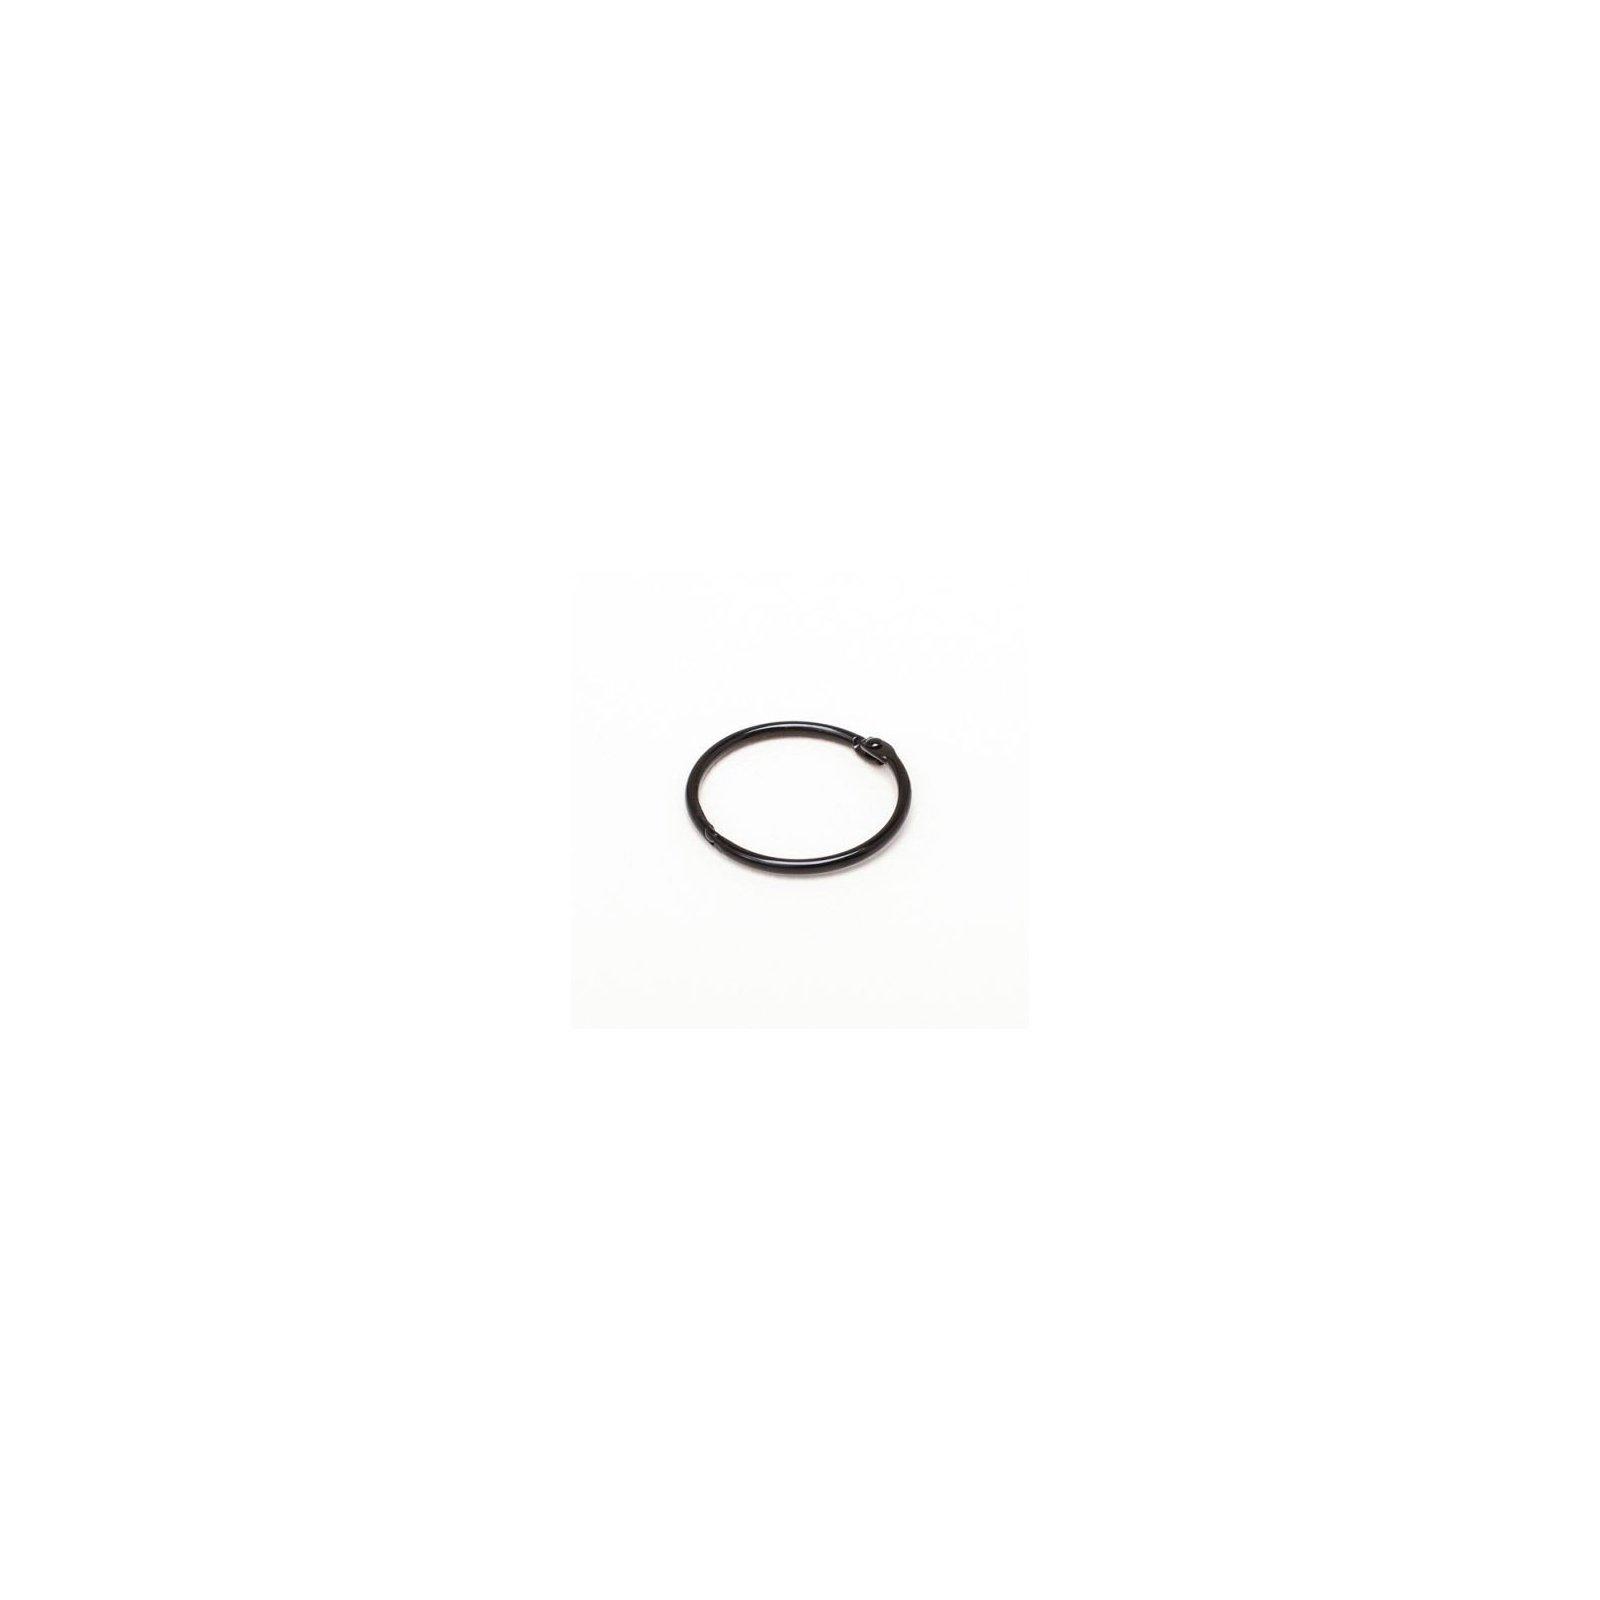 Anneau brisé noir - Diamètre 38 mm - Argent - Ephemeria